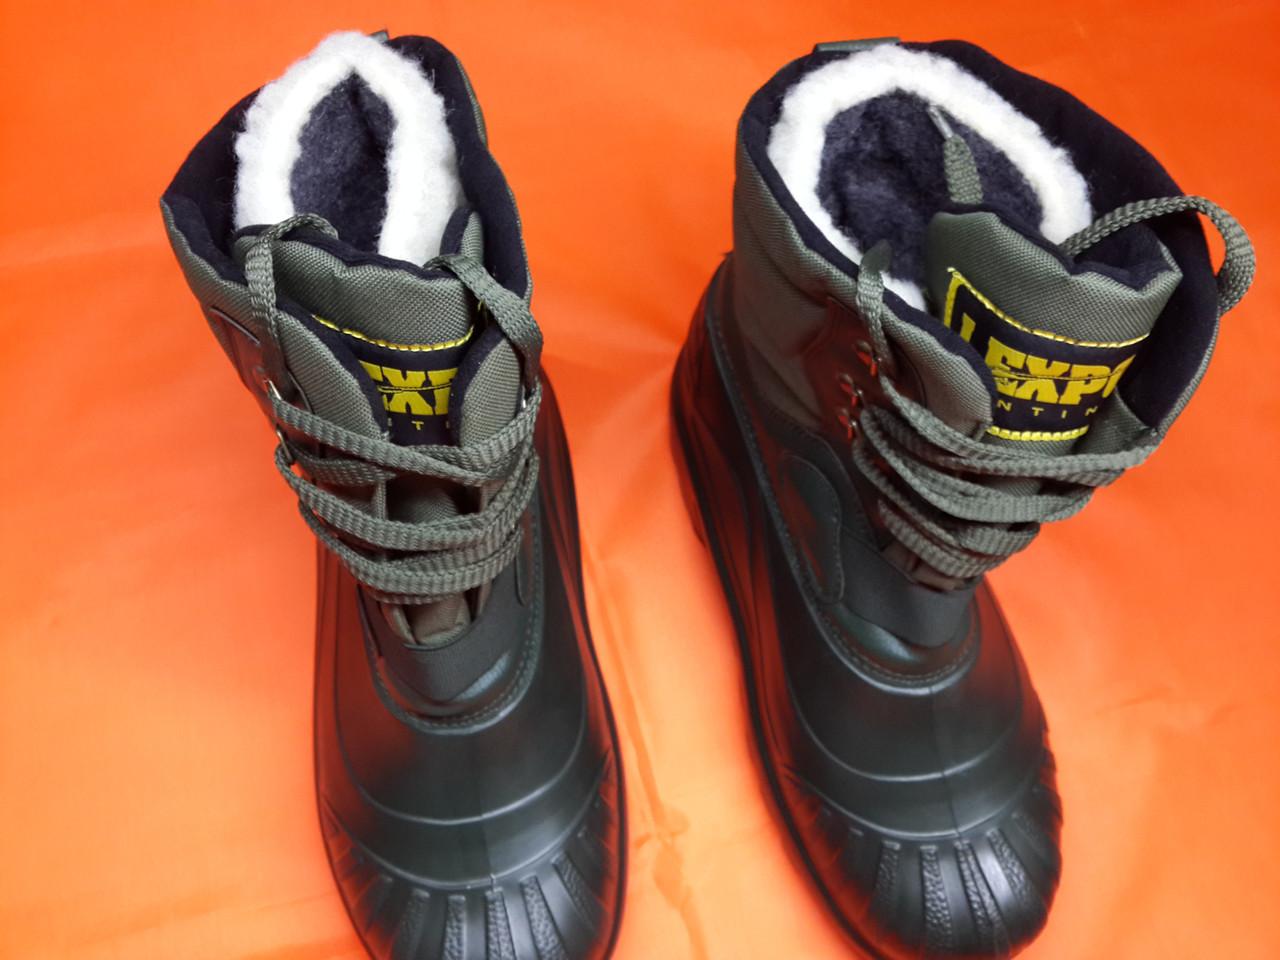 Ботинки Lemigo Tramp 909 EVA ,утепленные -30°Lemigo original (POLAND)размеры:43-44-45